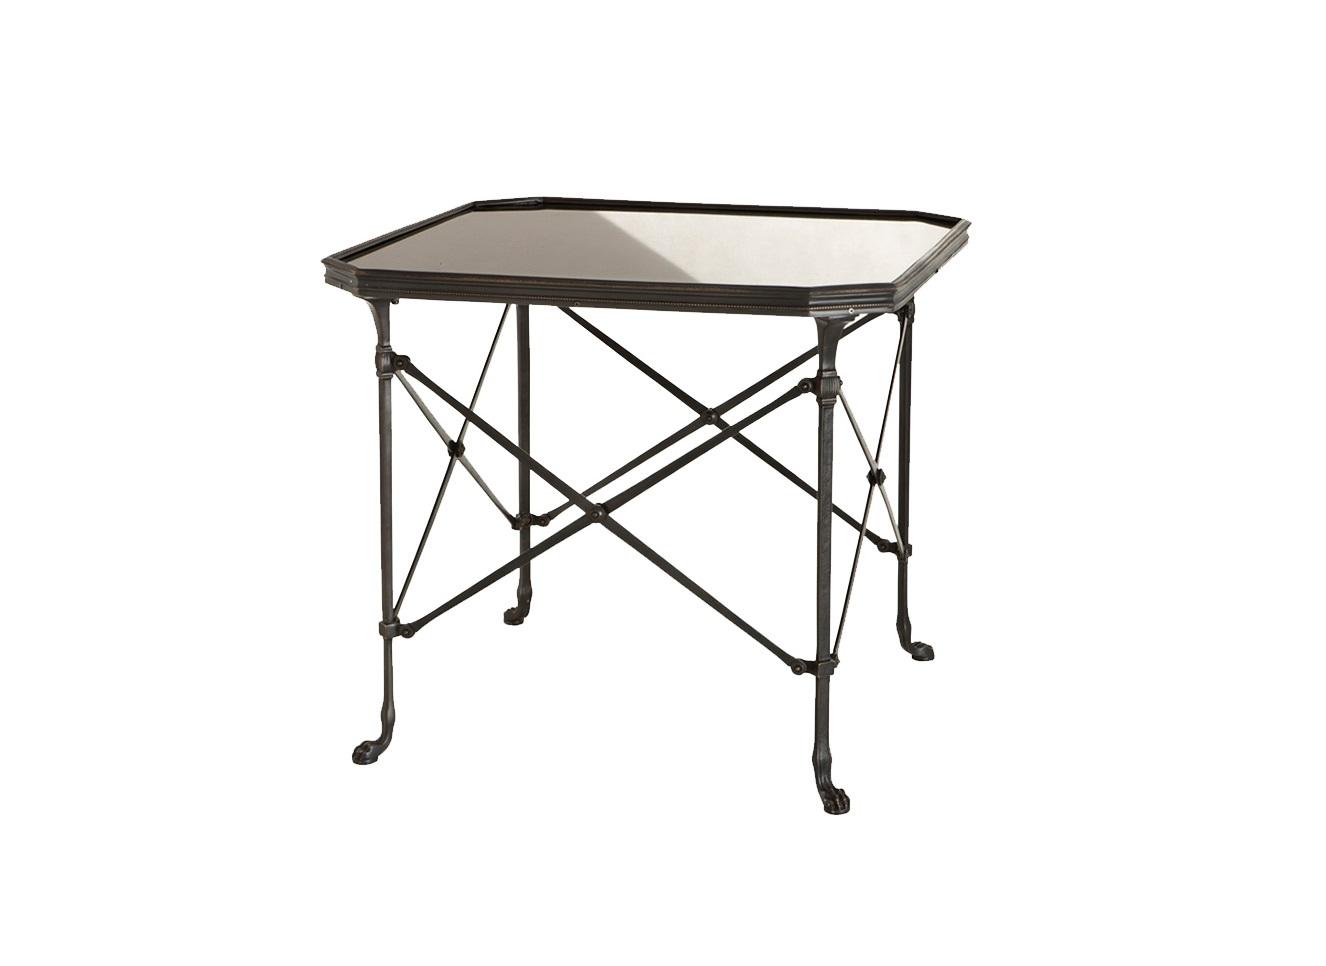 СтолЖурнальные столики<br>Столик с оригинальным дизайном Monte Carlo выполнен из пушечной бронзы. Столешница из мрамора.<br><br>Material: Мрамор<br>Width см: 63<br>Depth см: 63<br>Height см: 55,5